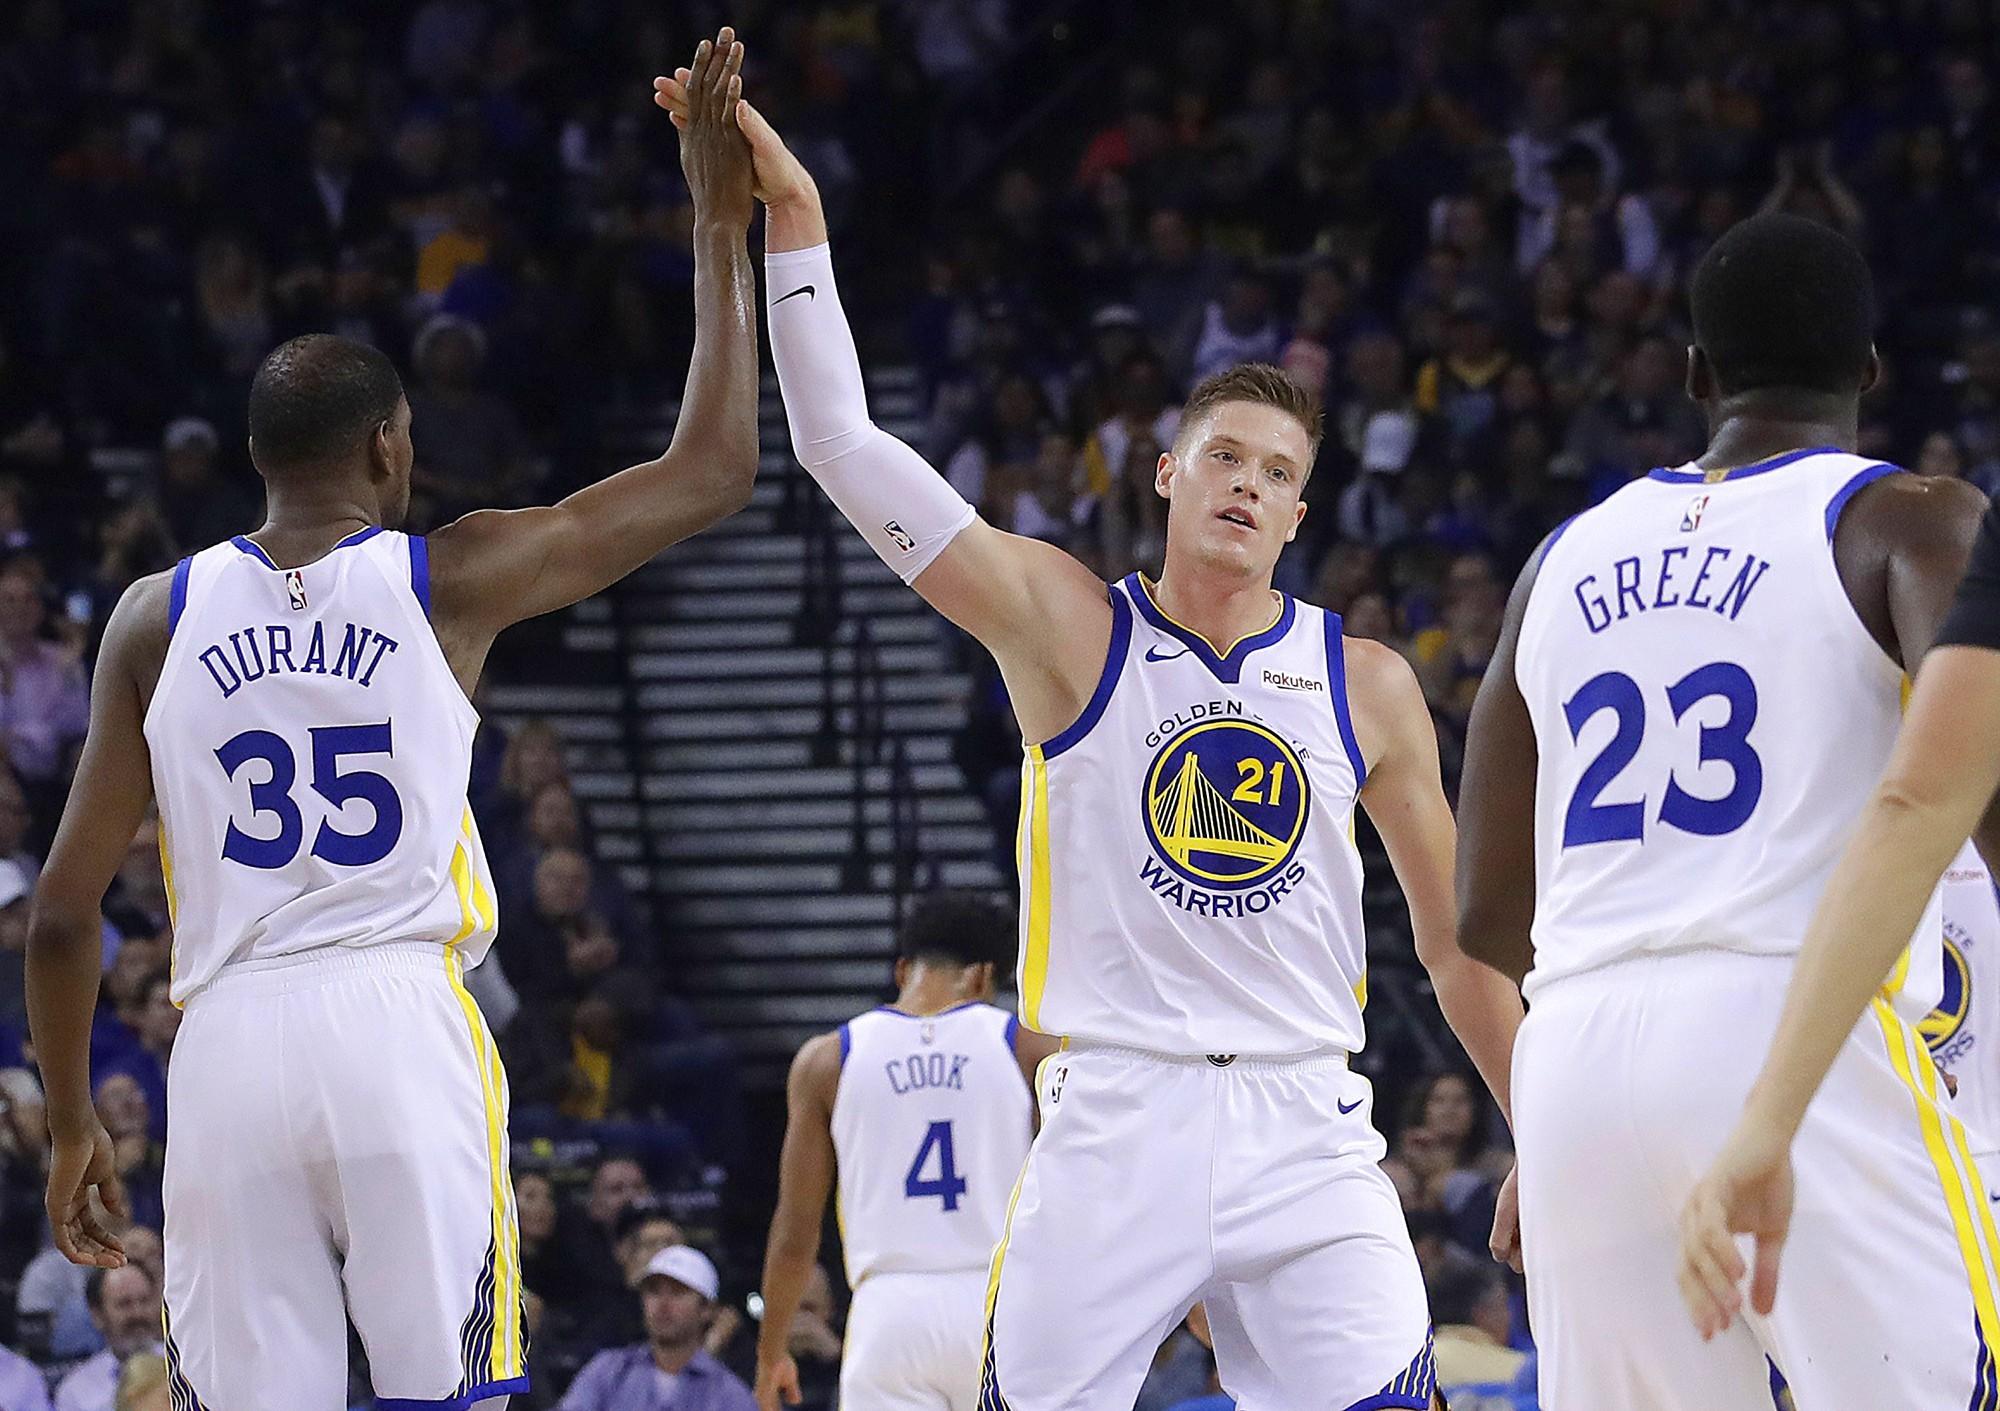 Trong lúc Golden State Warriors thăng hoa, Kevin Durant lại phát ngôn khiến Dub Nation hoang mang tột độ - Ảnh 1.